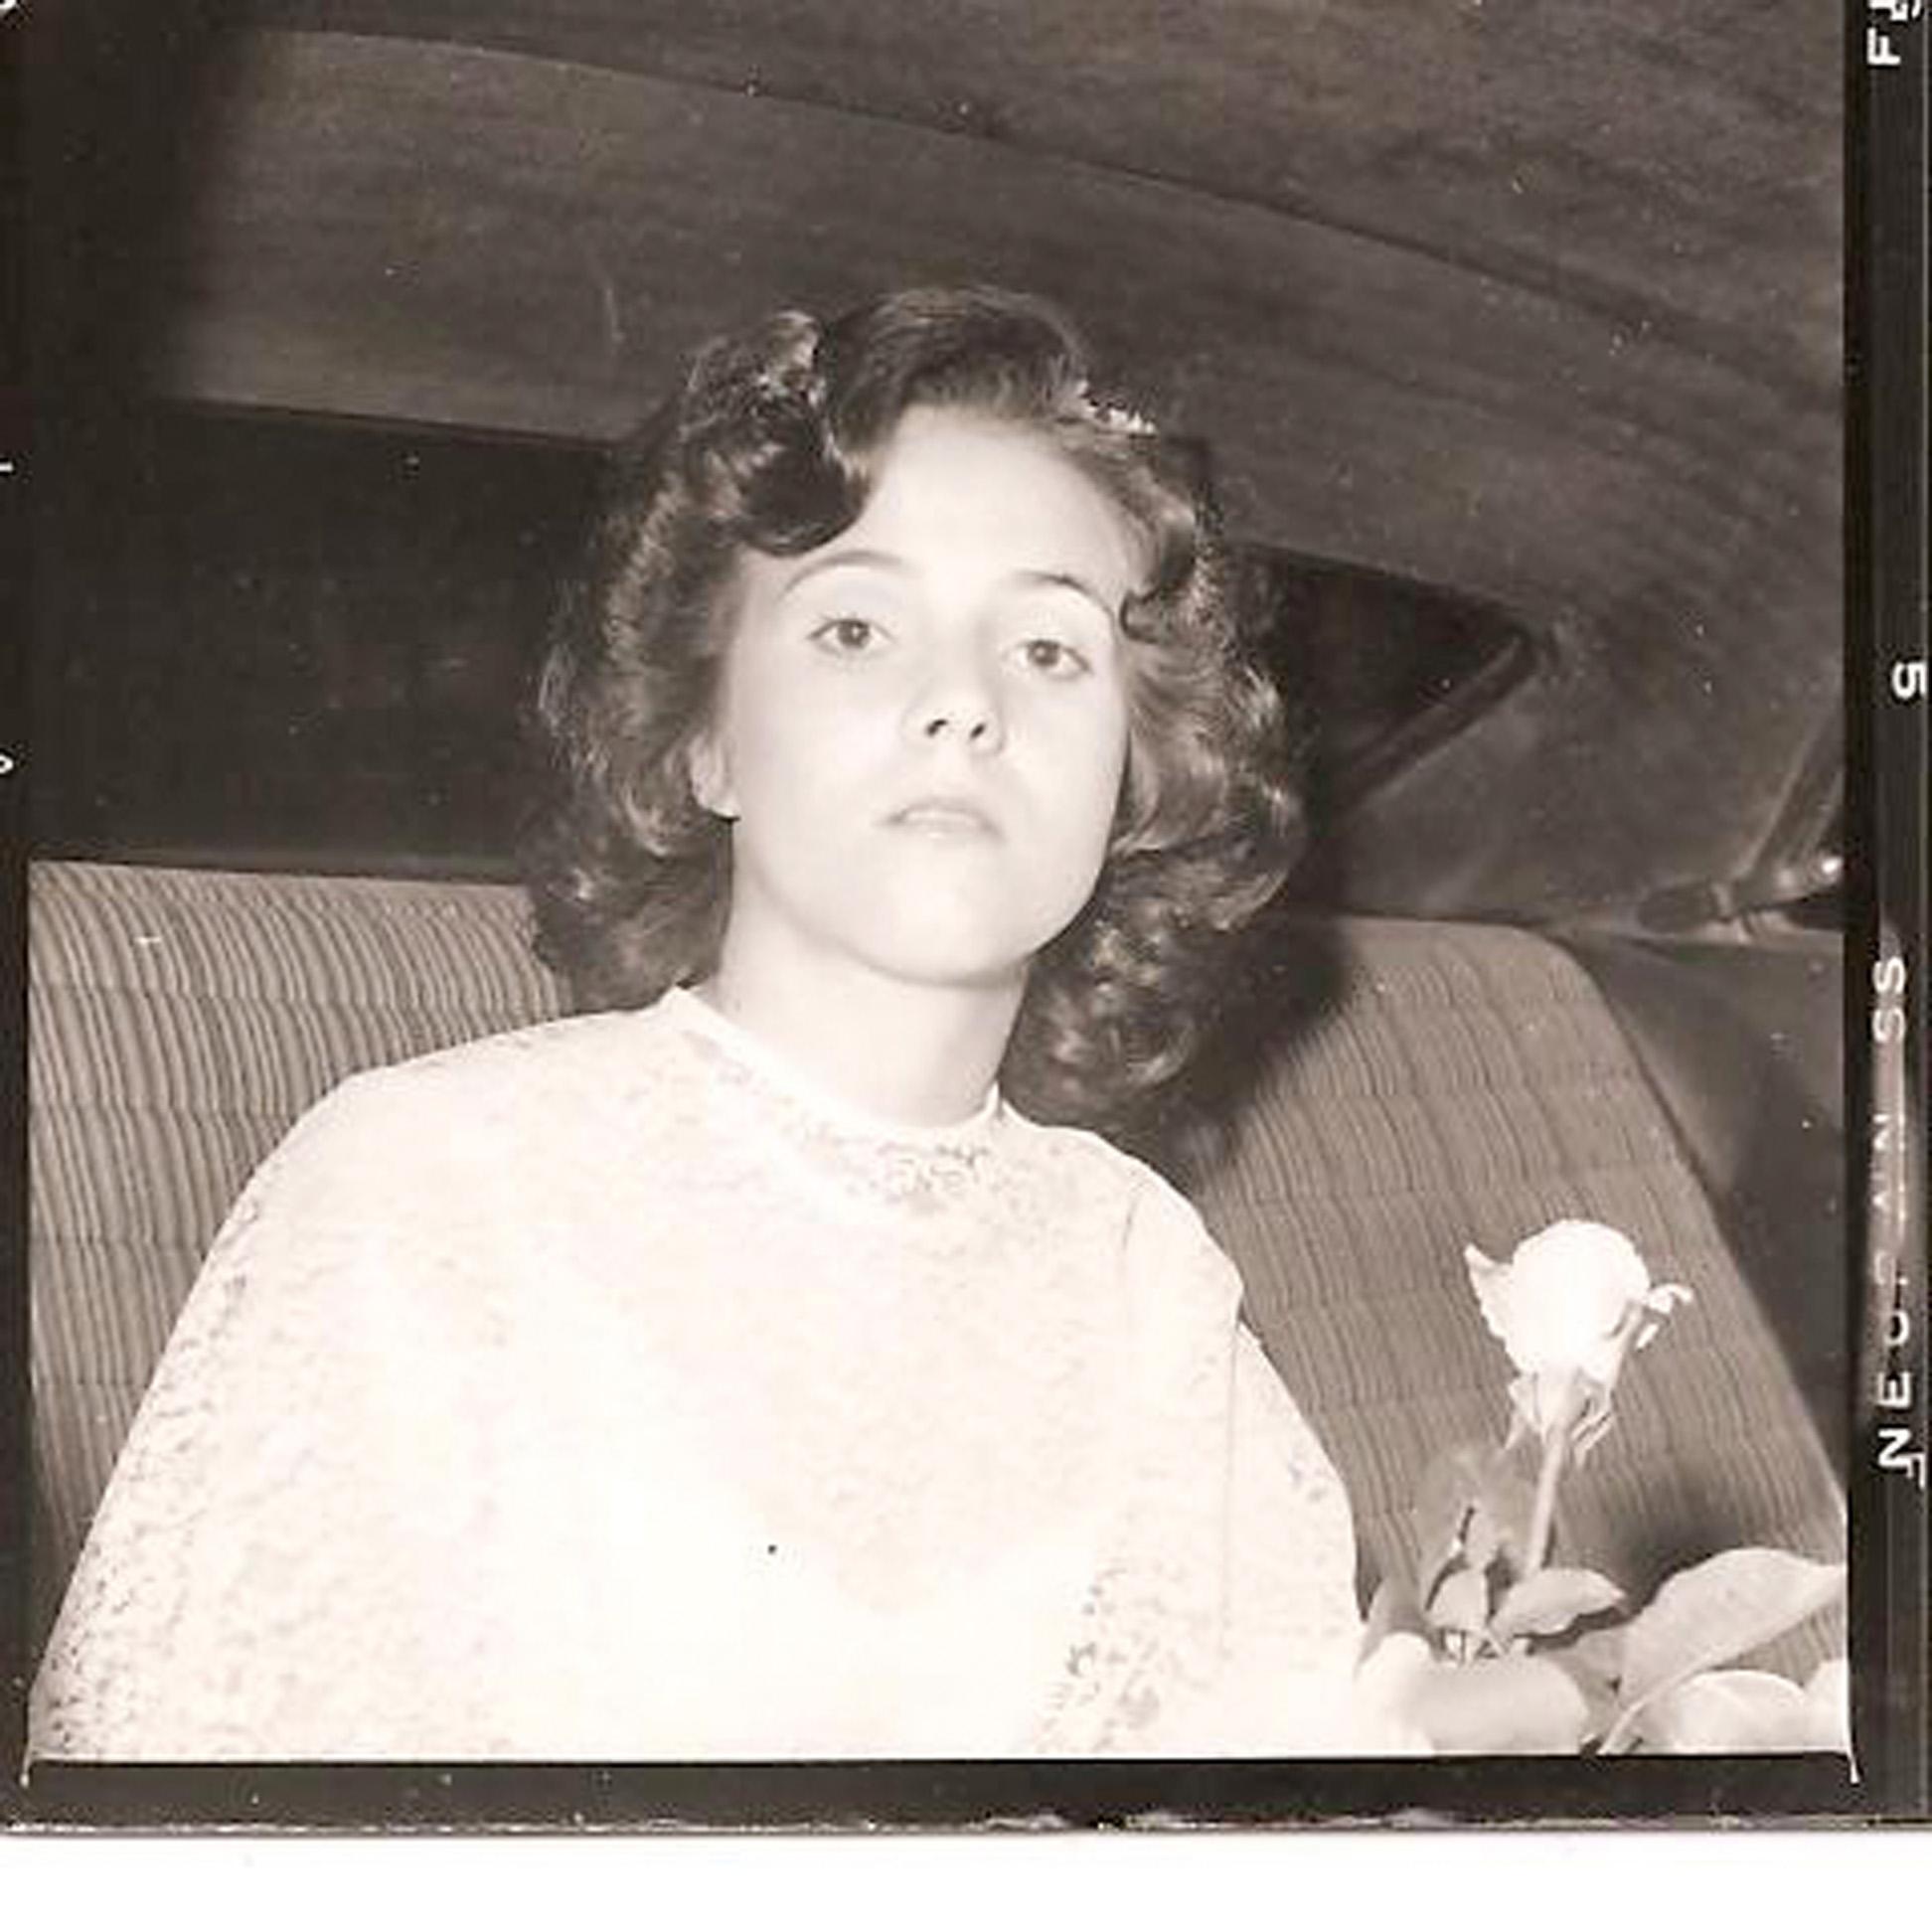 Cenas do primeiro casamento, em setembro de 1978: sozinha